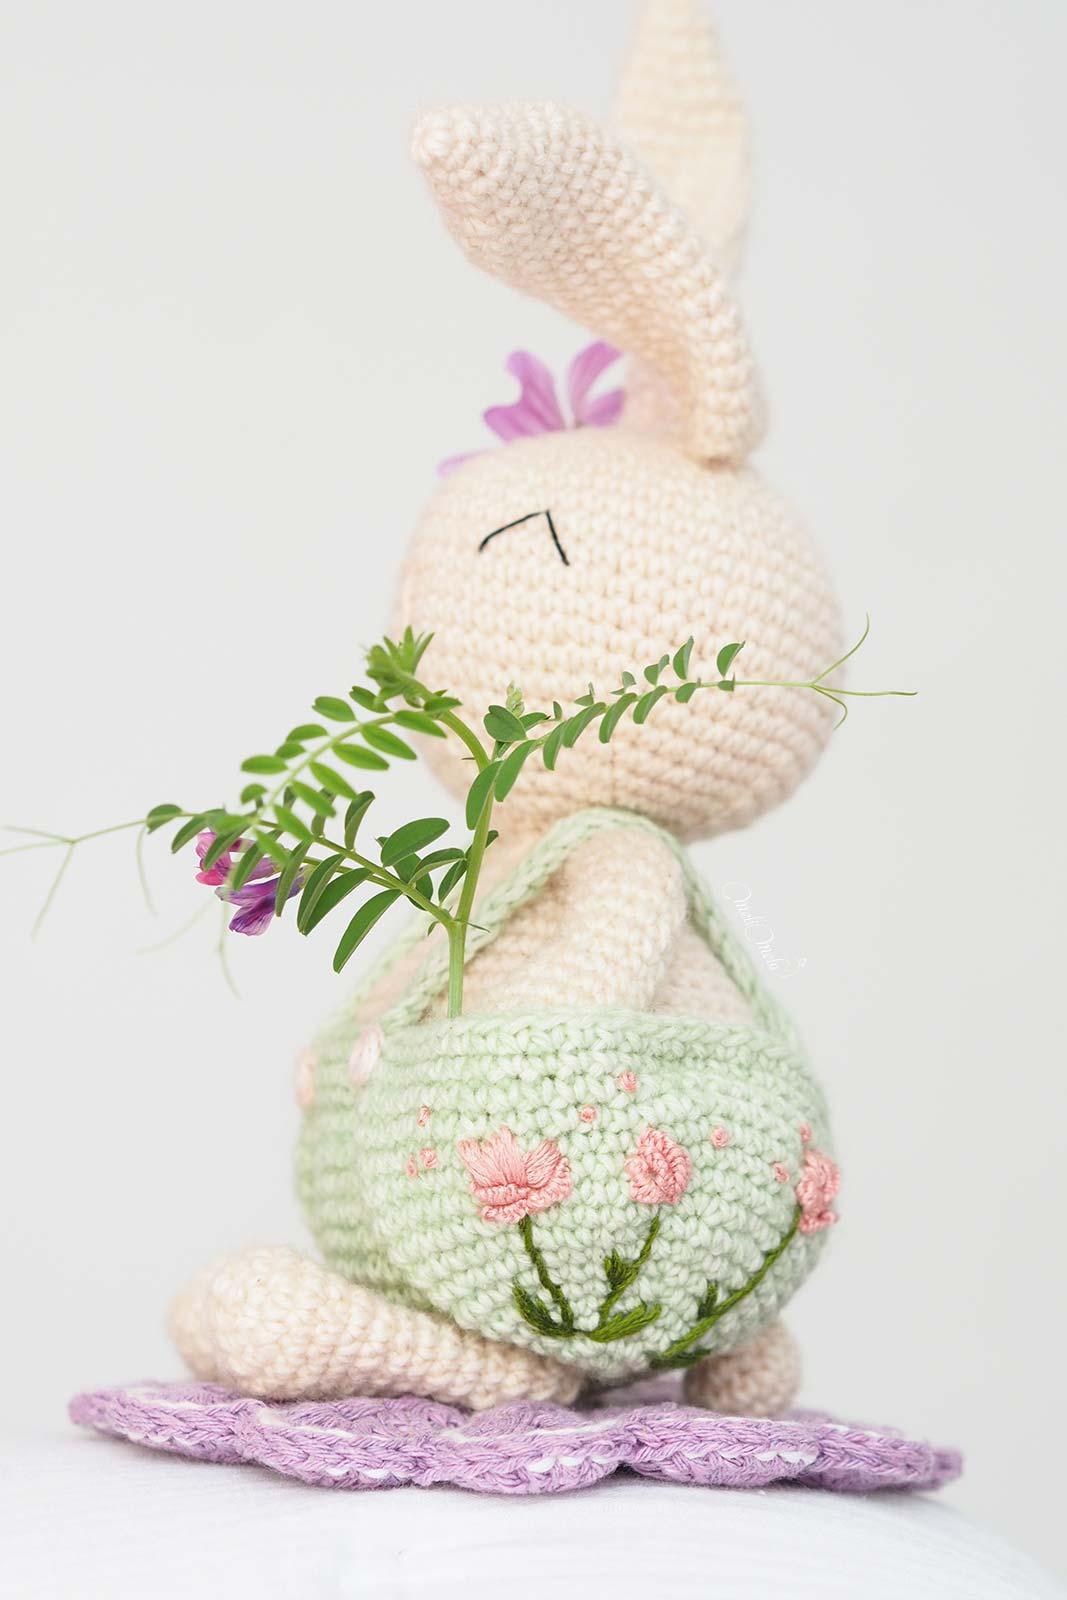 oliver-lapin-printemps-pivoines-amigurumi-crochet-laboutiquedemelimelo